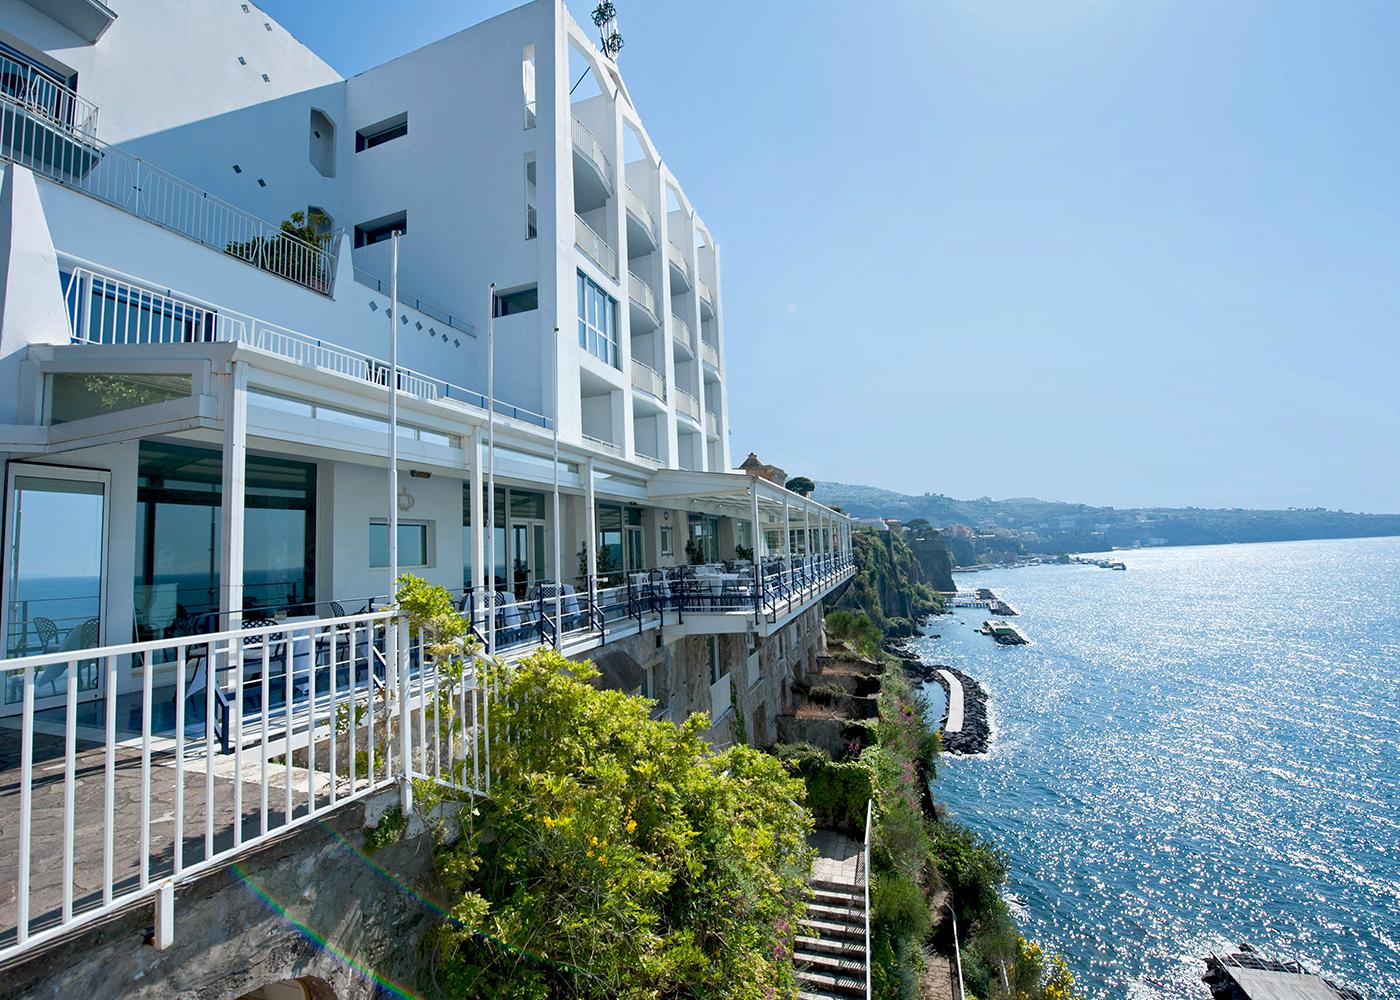 Hotel di lusso a Sorrento a strapiombo sul mare.